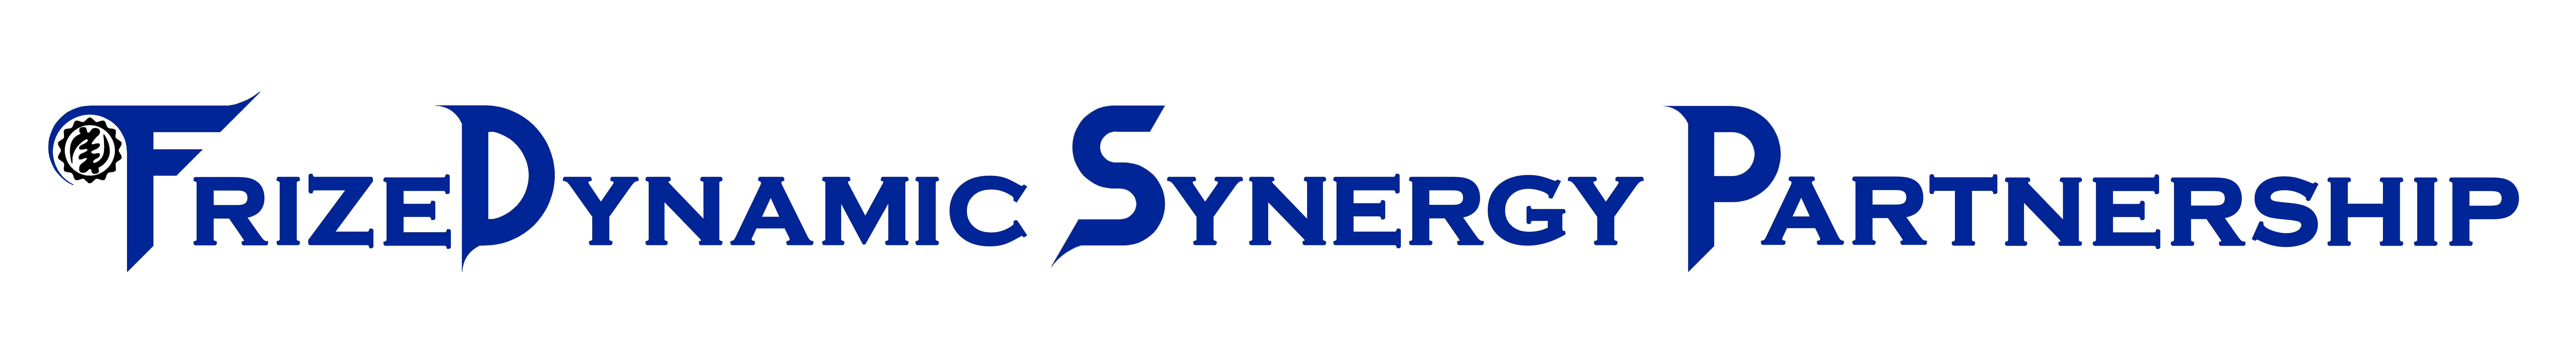 FrizeDynamic Synergy Partnership - Charles Friedo Frize